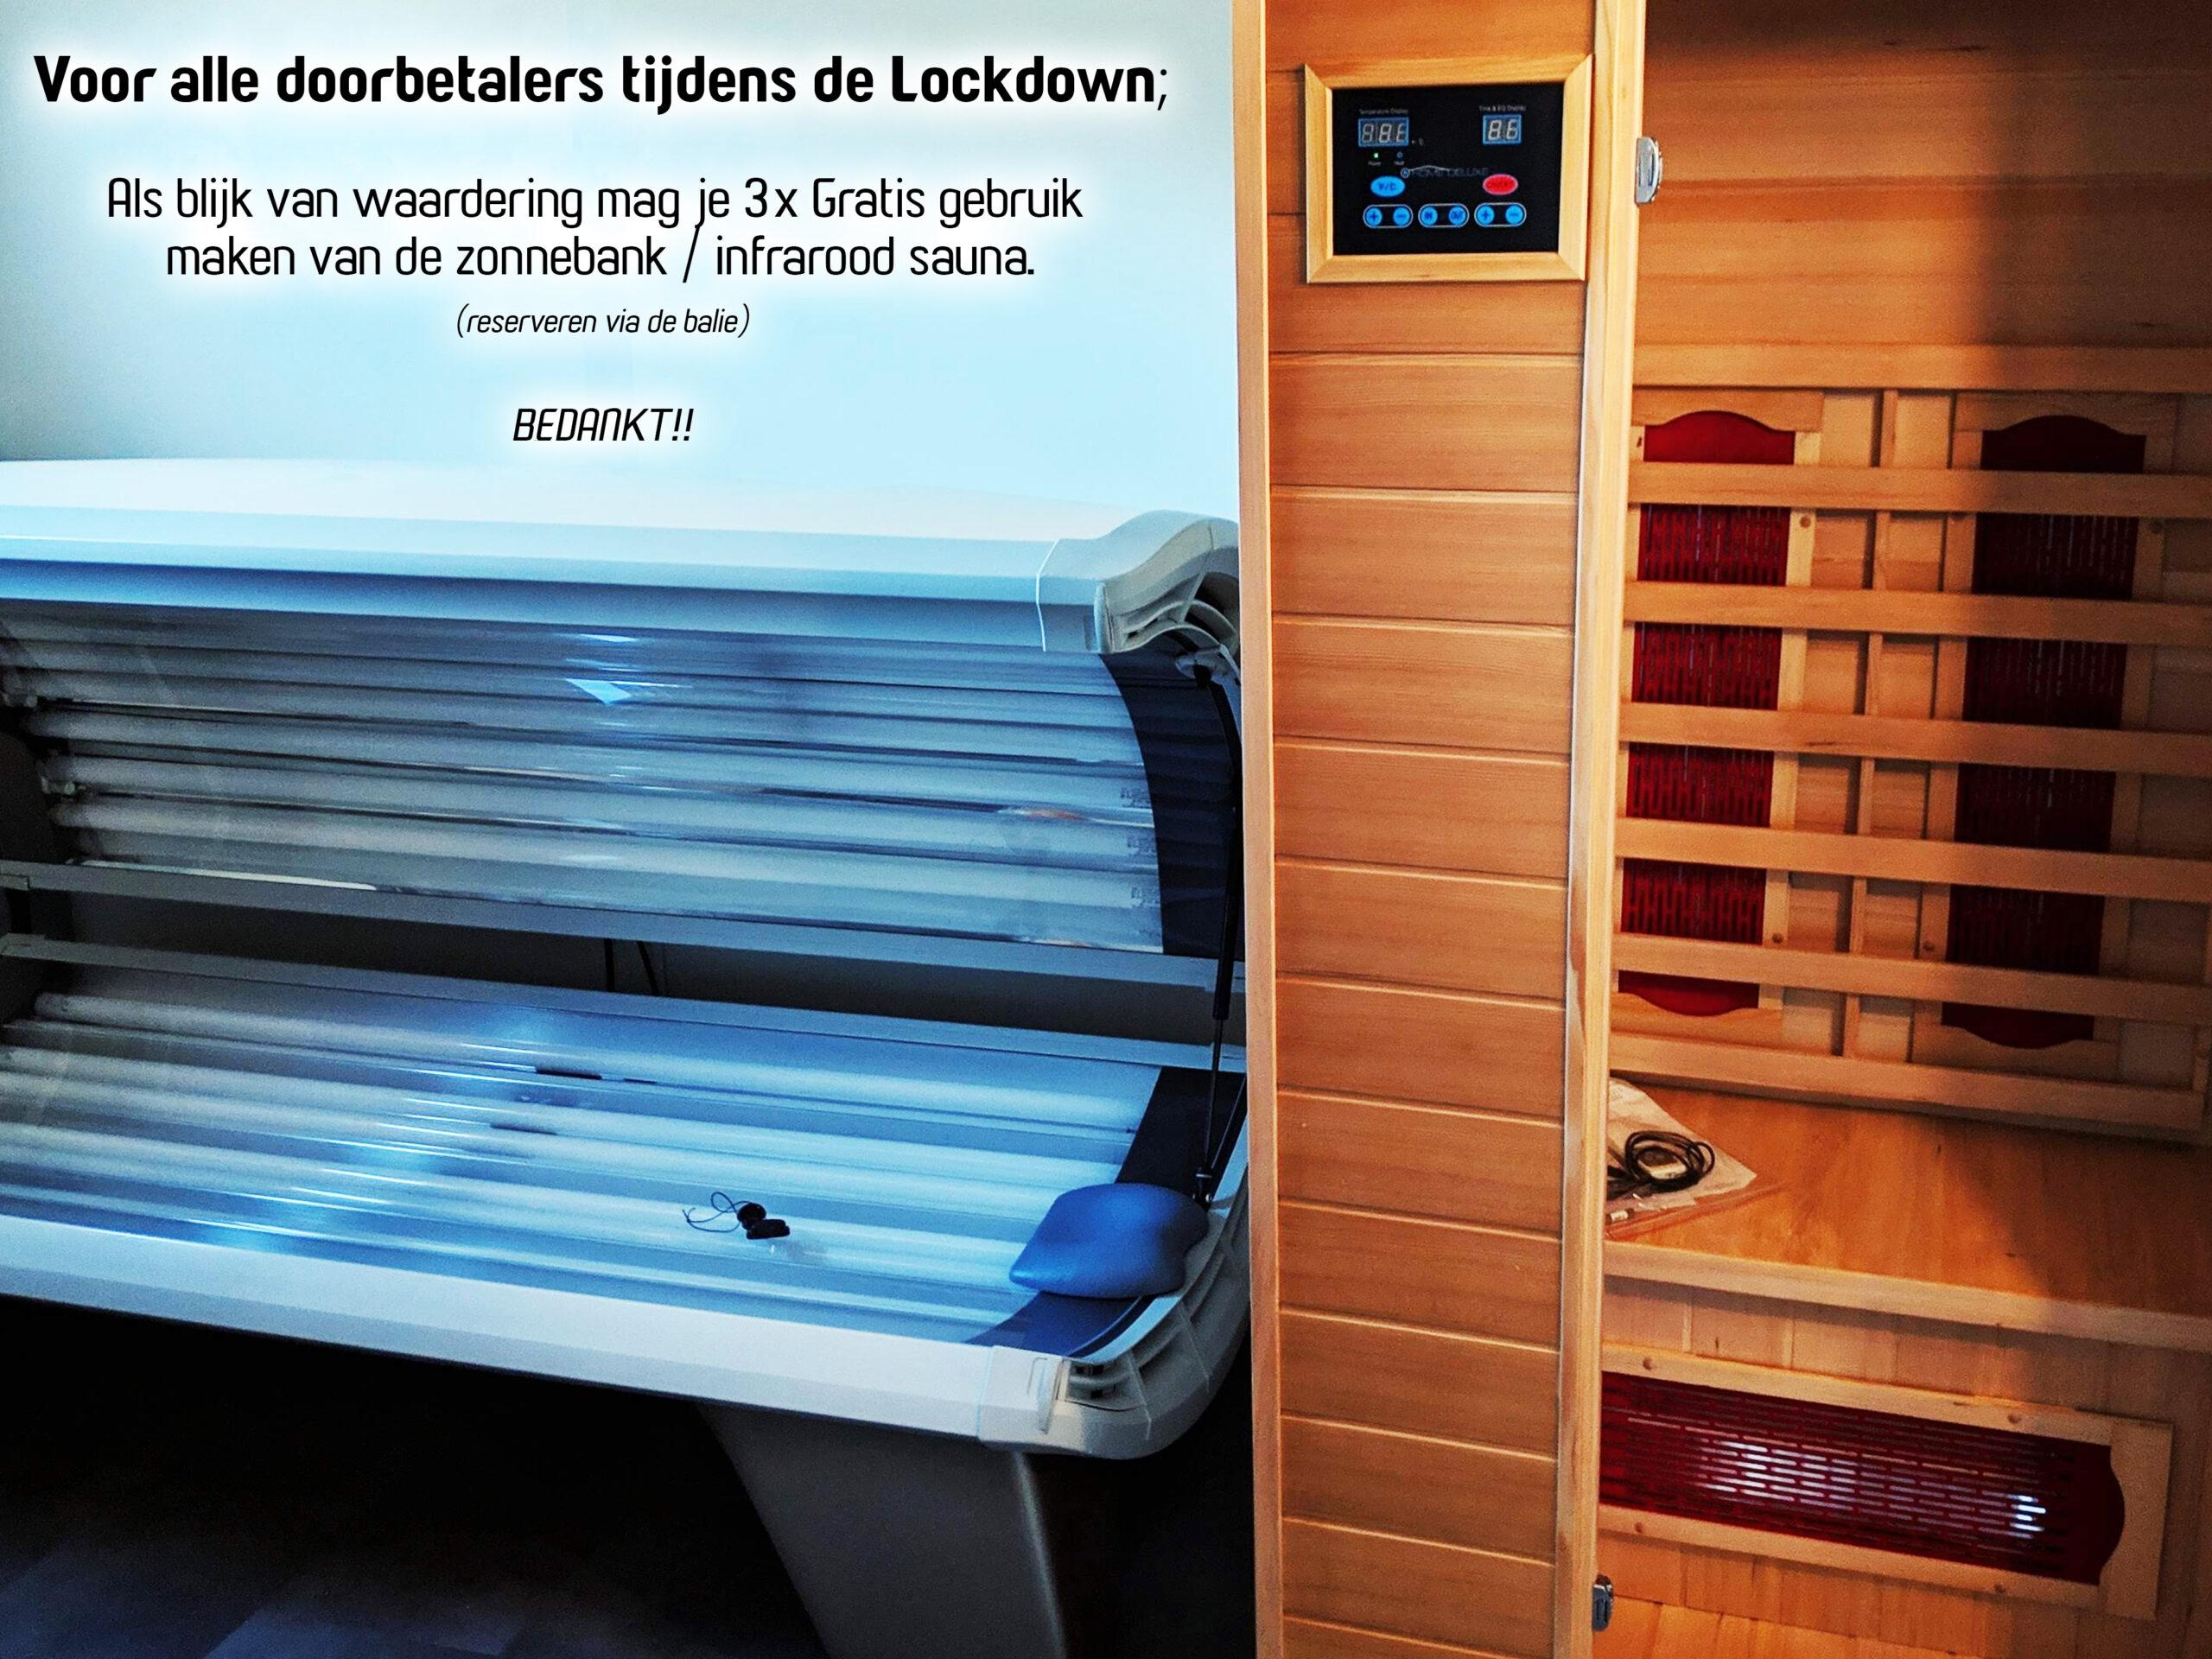 Voor alle doorbetalers tijdens de Lockdown; 3x Gratis zonnebank/infrarood sauna